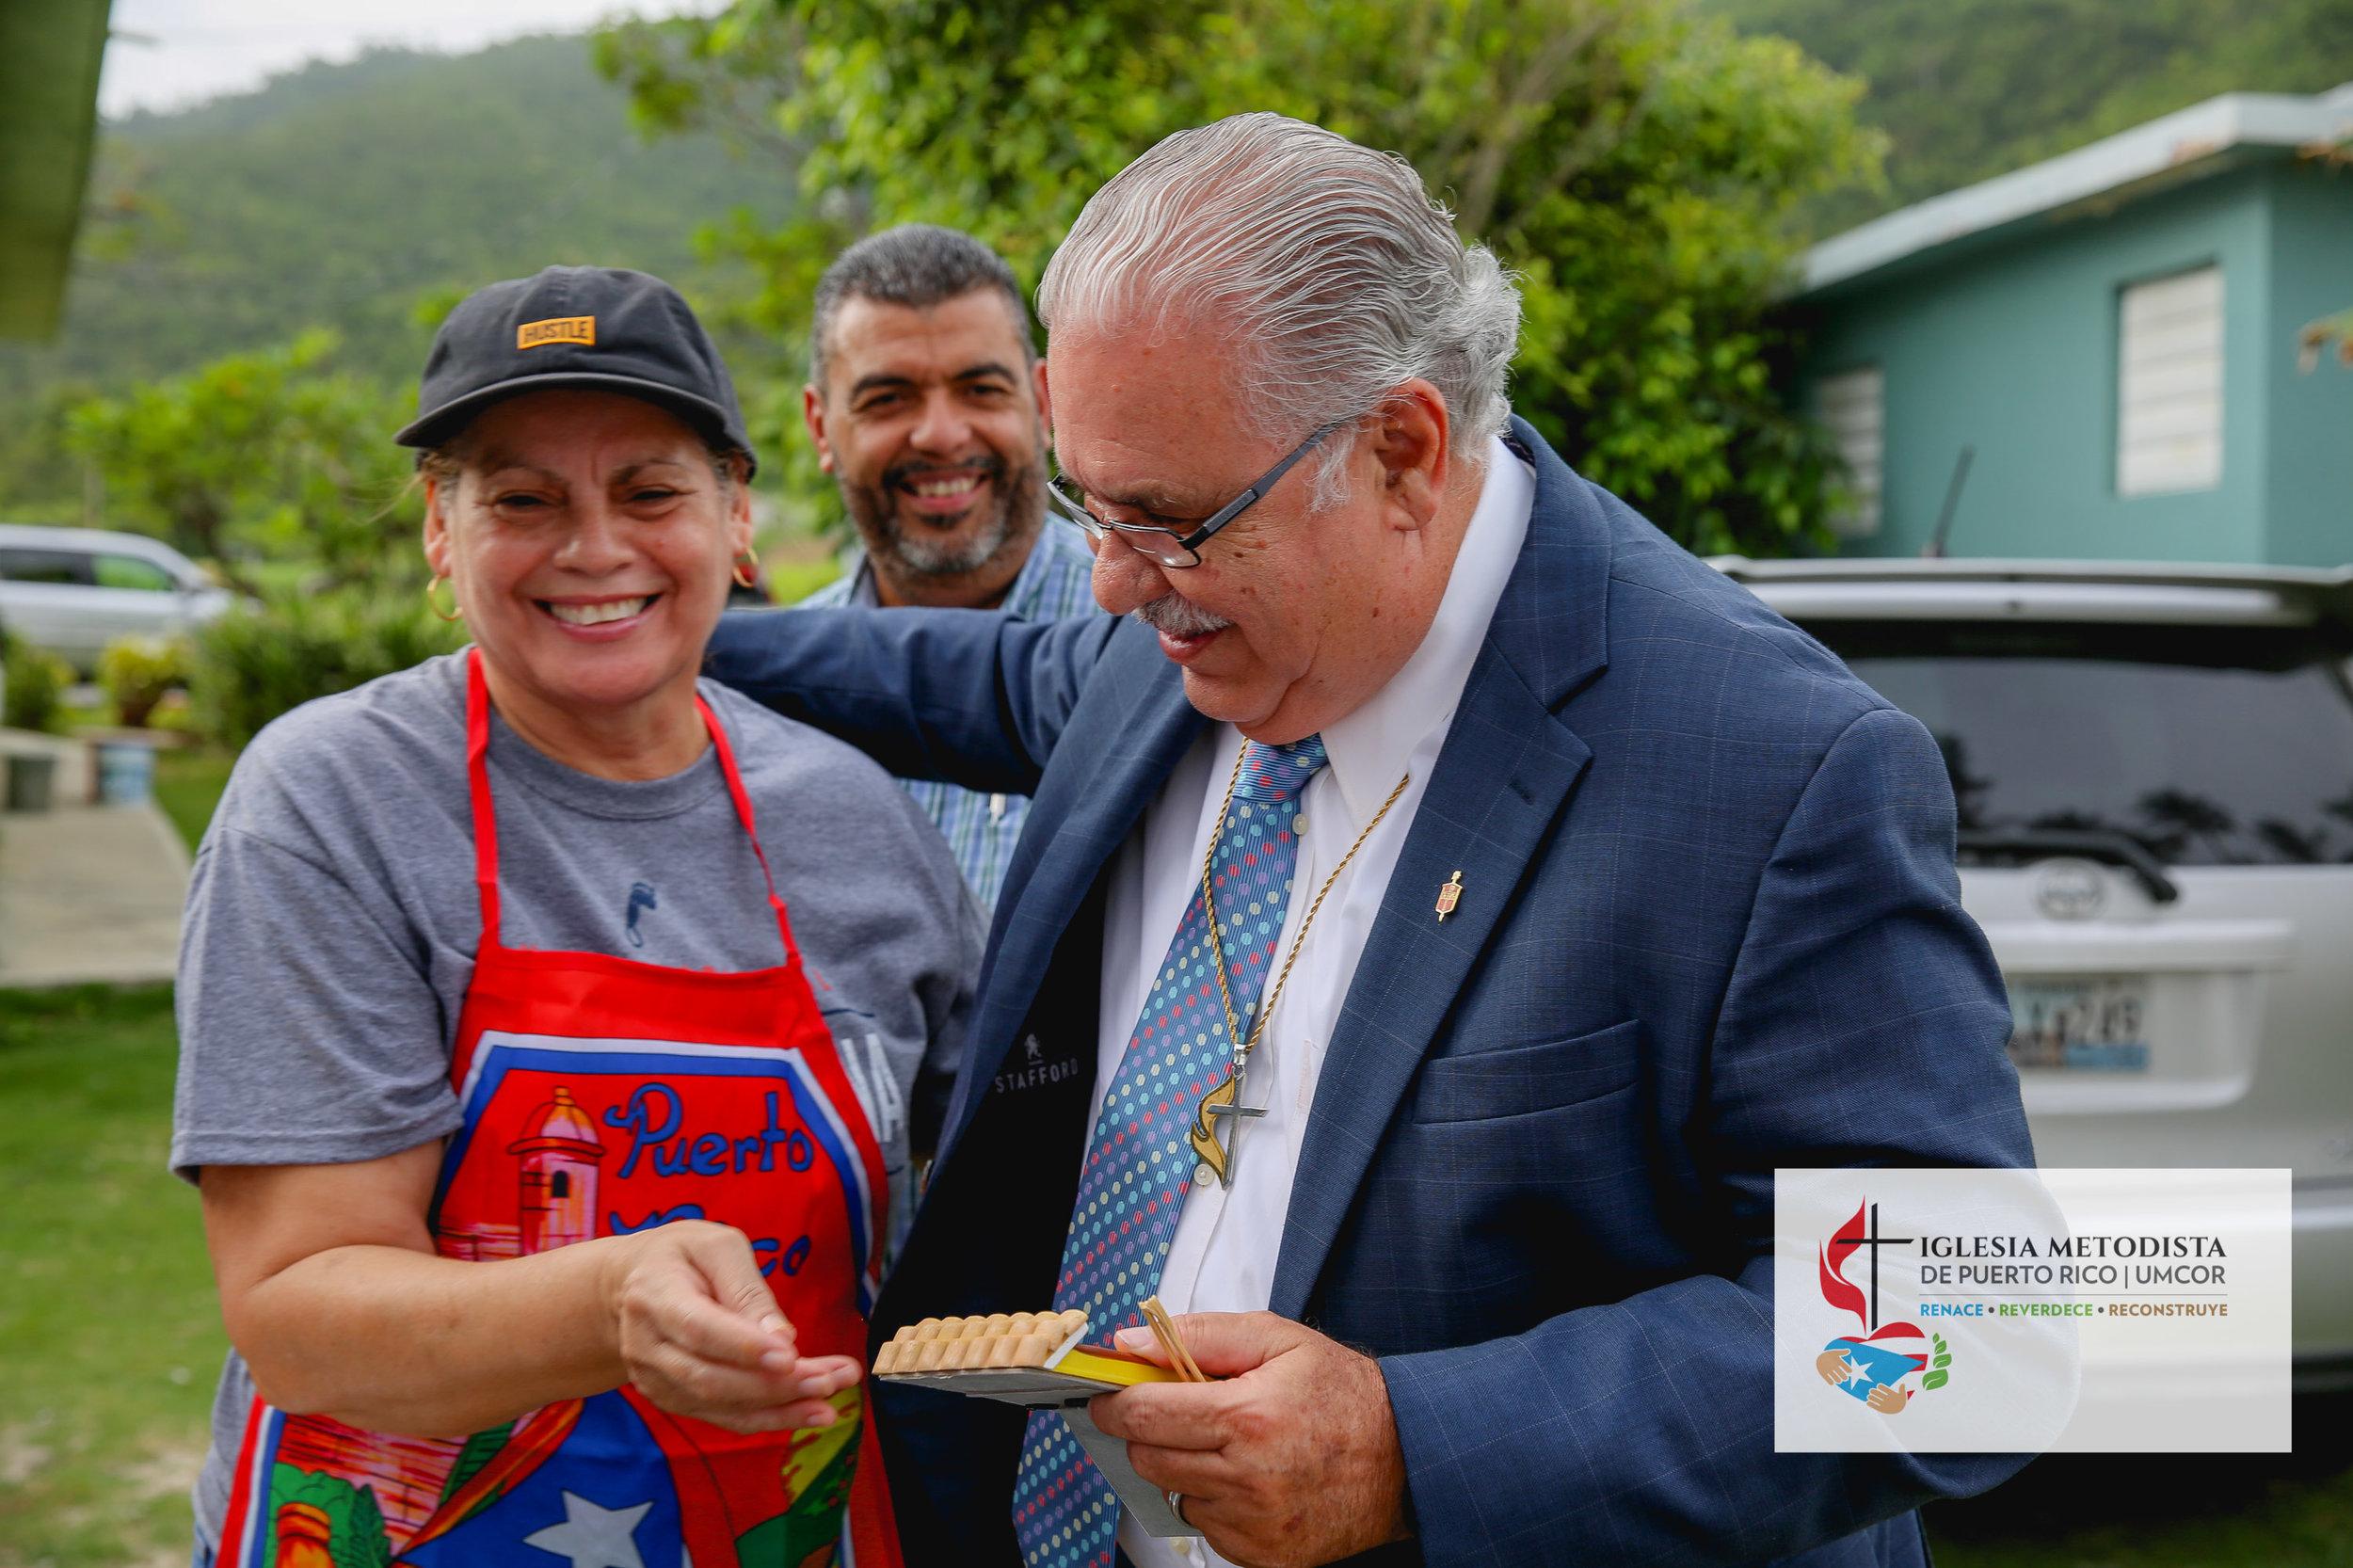 Fotos Despedida Misioneros_Patillas-ESG56901.JPG